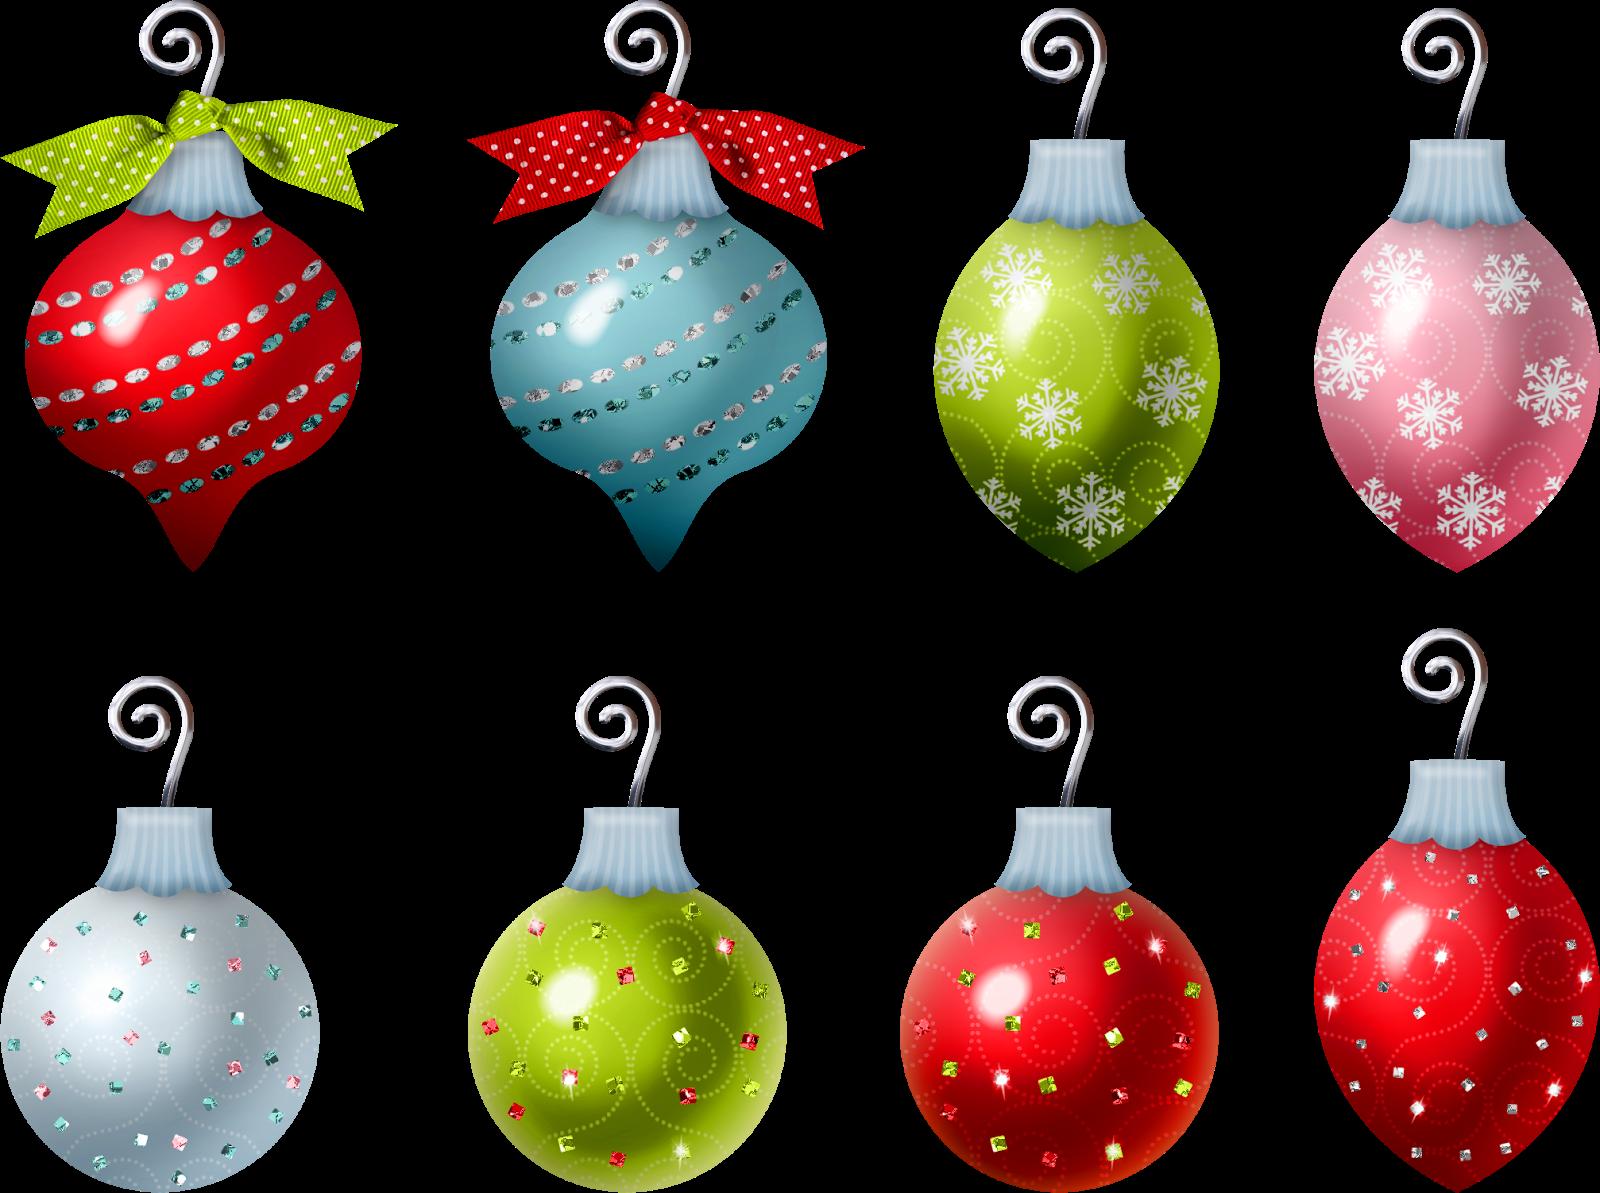 imgenes de esferas de navidad